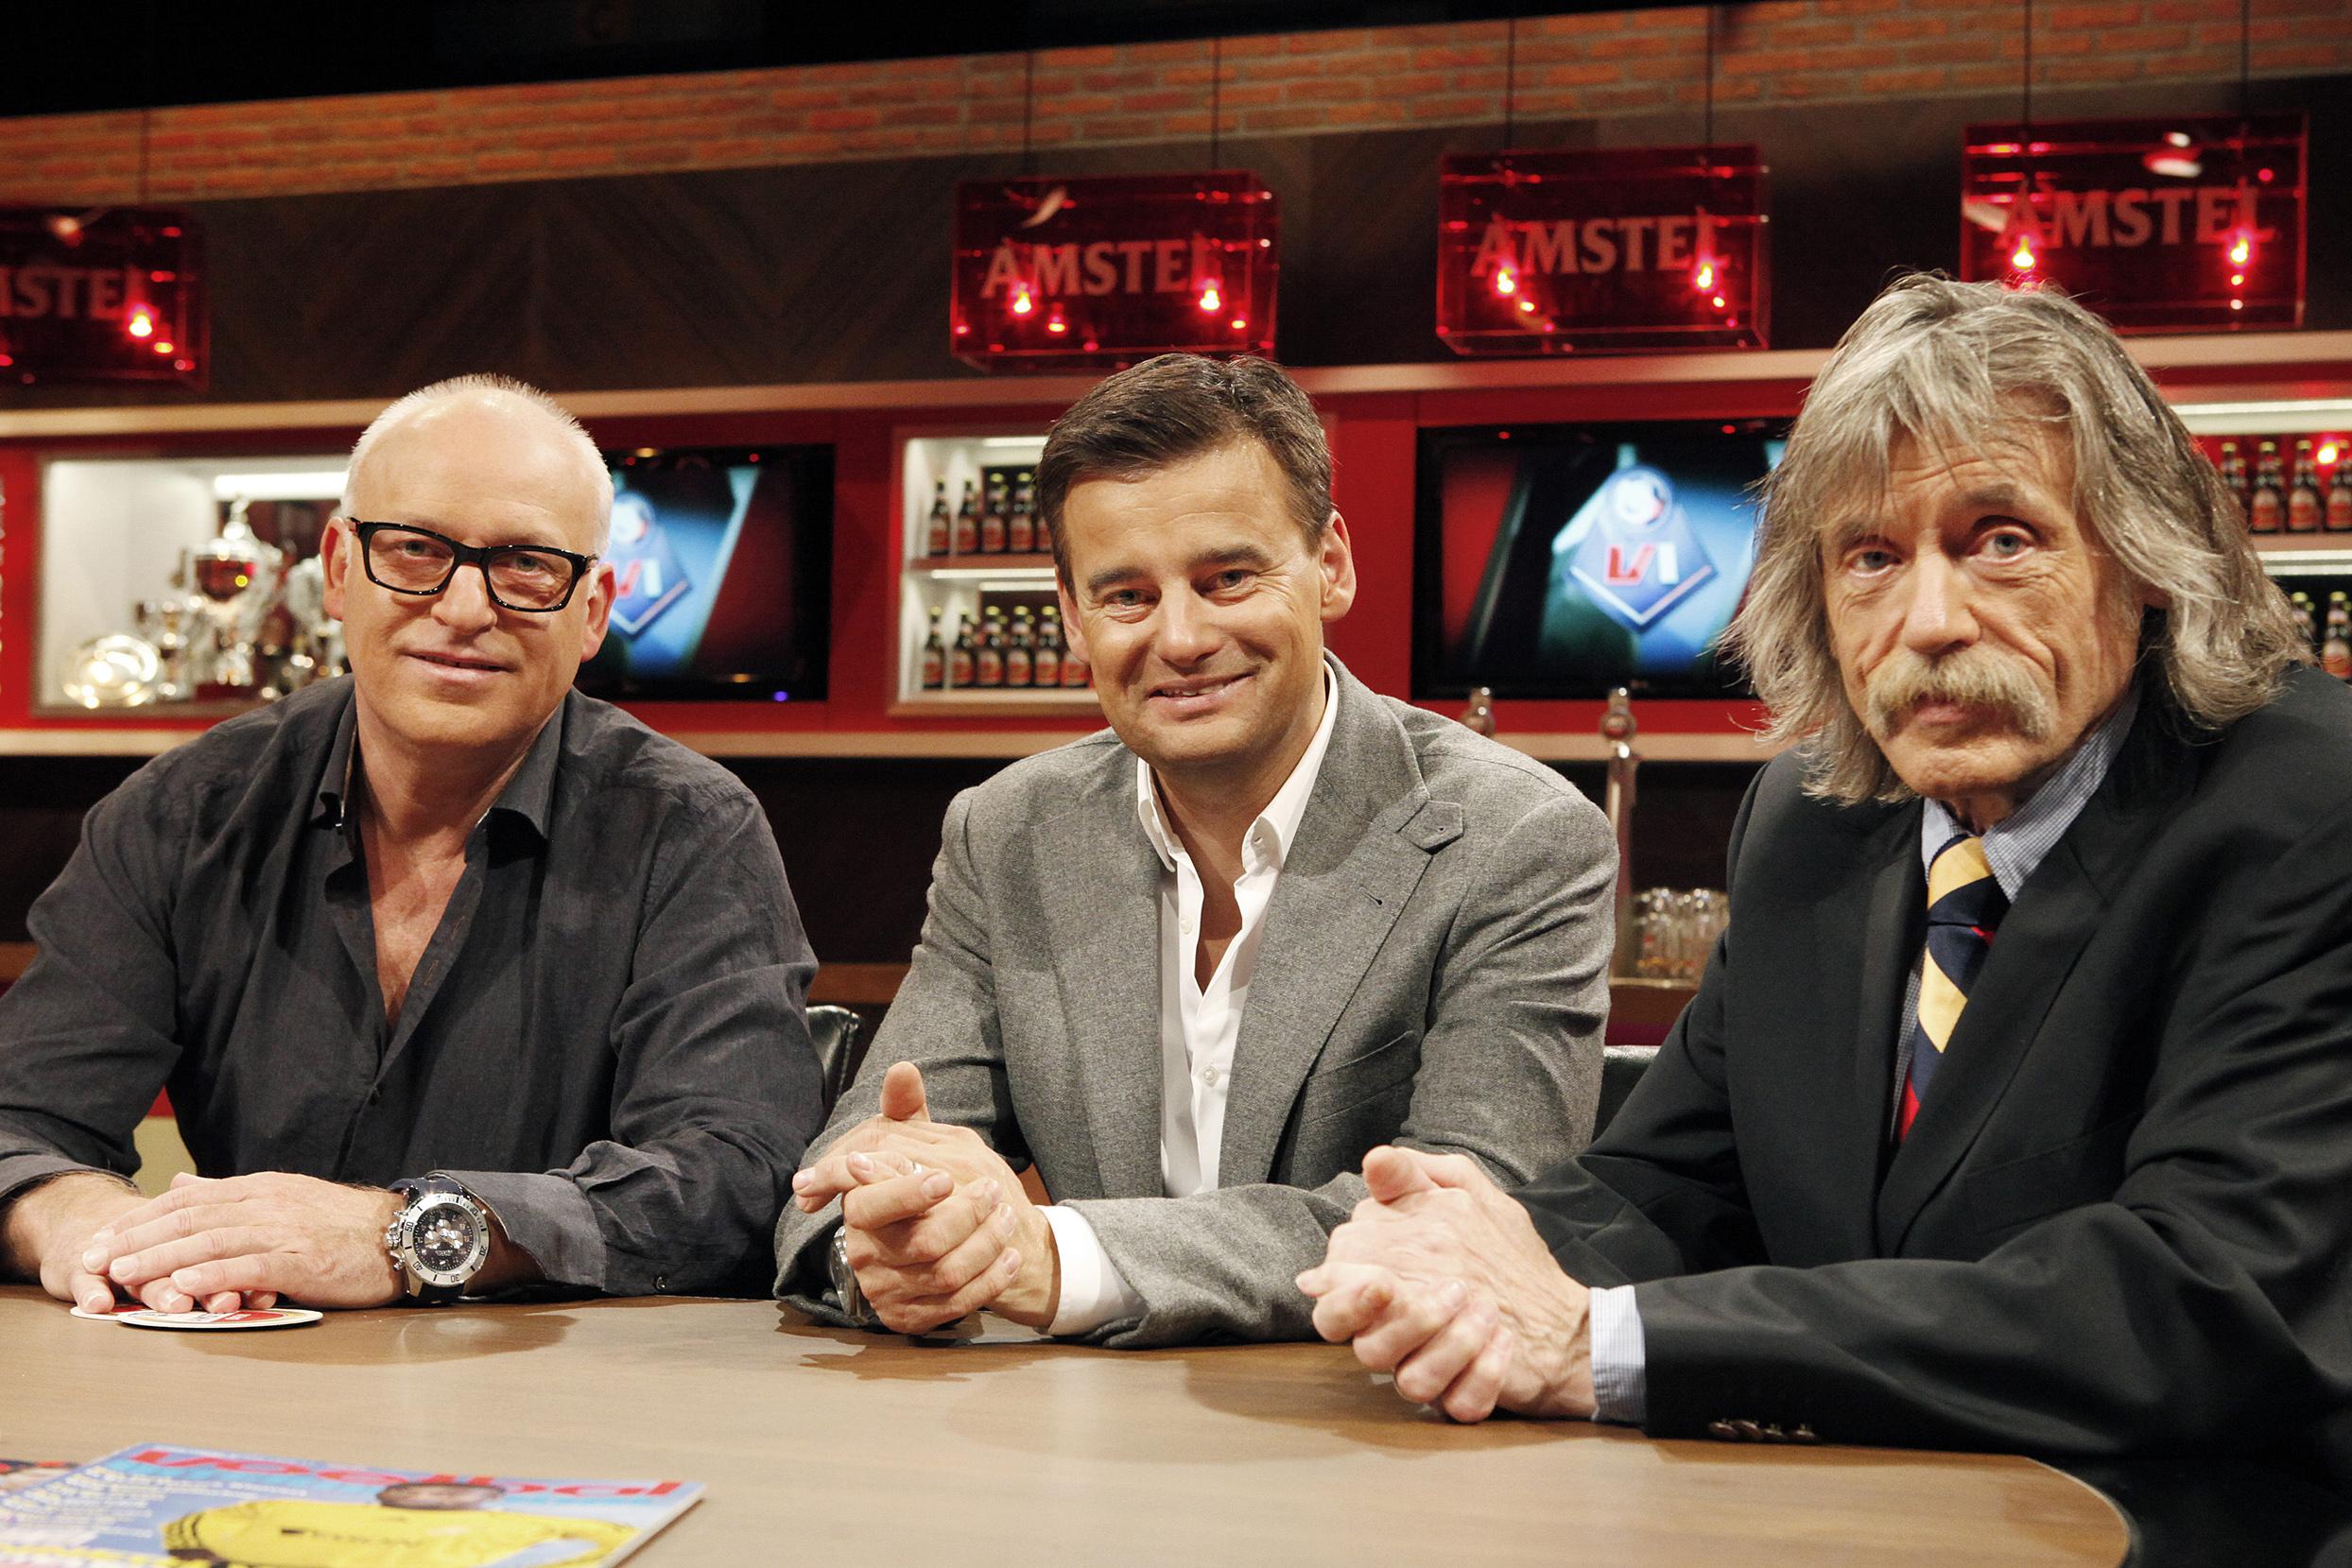 Vanavond op TV: Voetbal International (VItv) luidt nieuw Eredivisie ...: https://www.nwtv.nl/84701/vanavond-op-tv-voetbal-international-vitv...